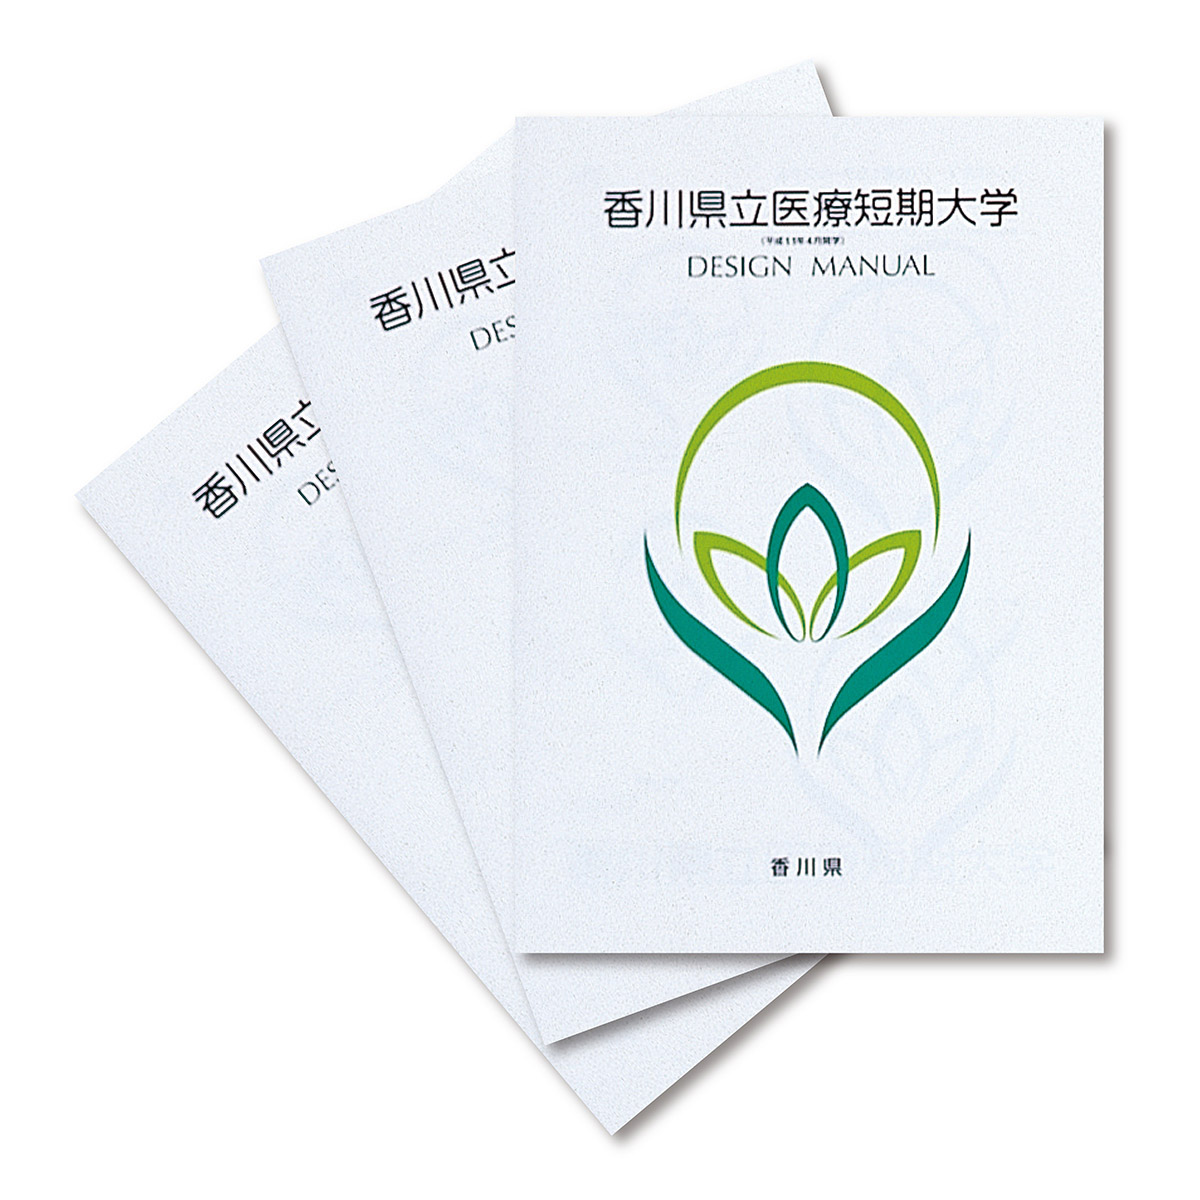 香川県立医療短期大学 ロゴマーク